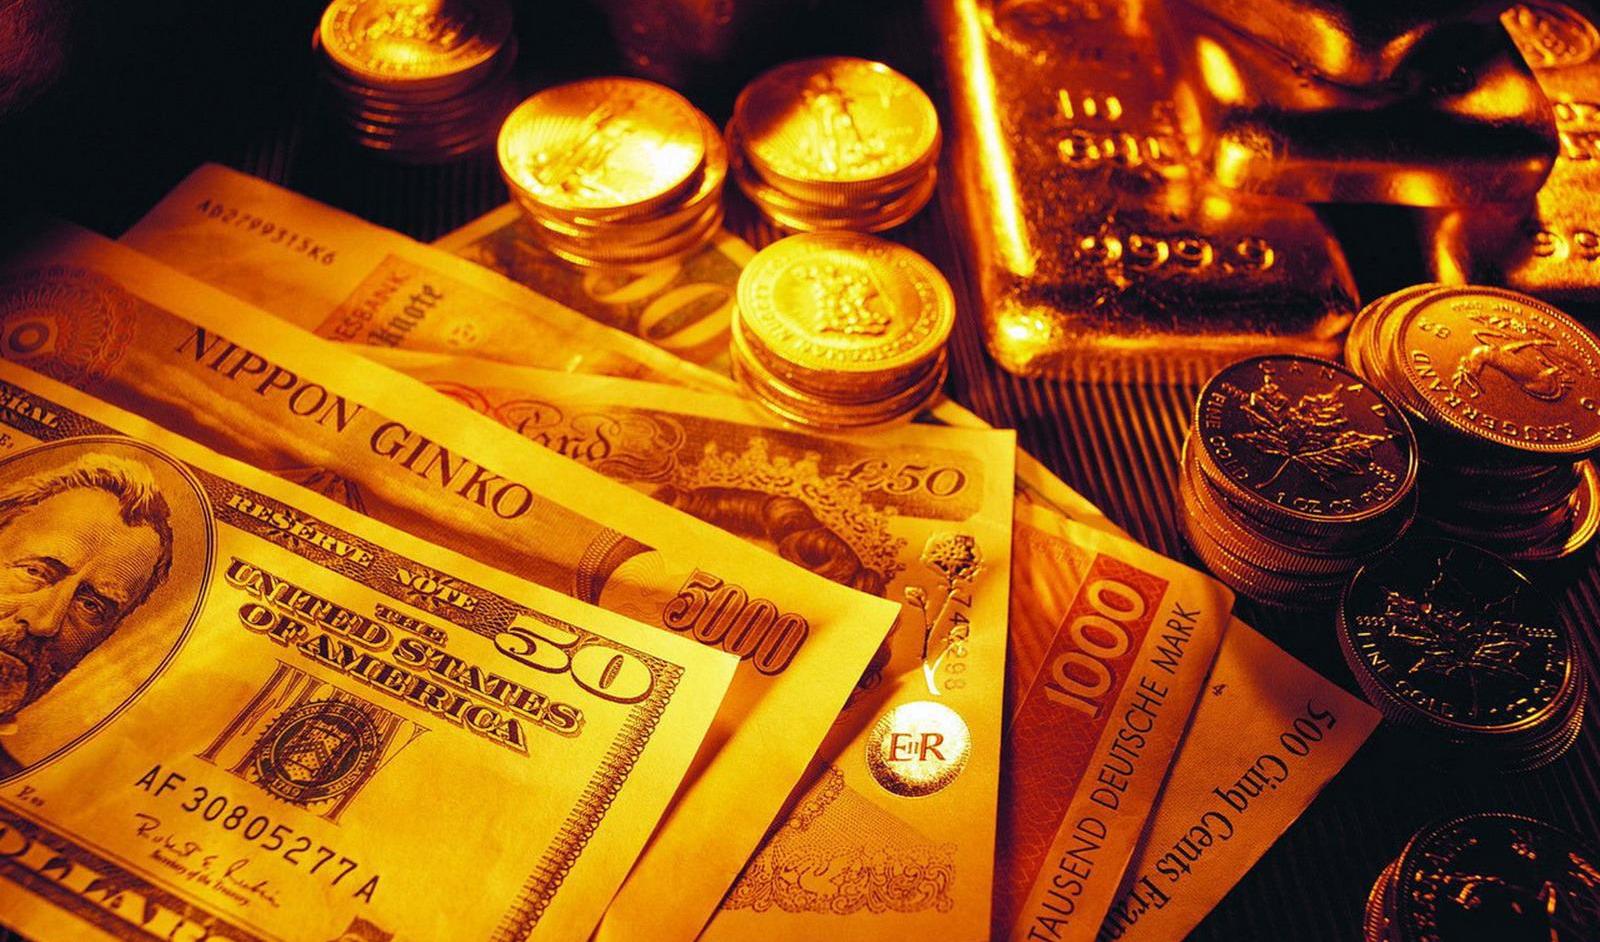 بی توجهی بازار طلا و سکه به اقدام اخیر آمریکا